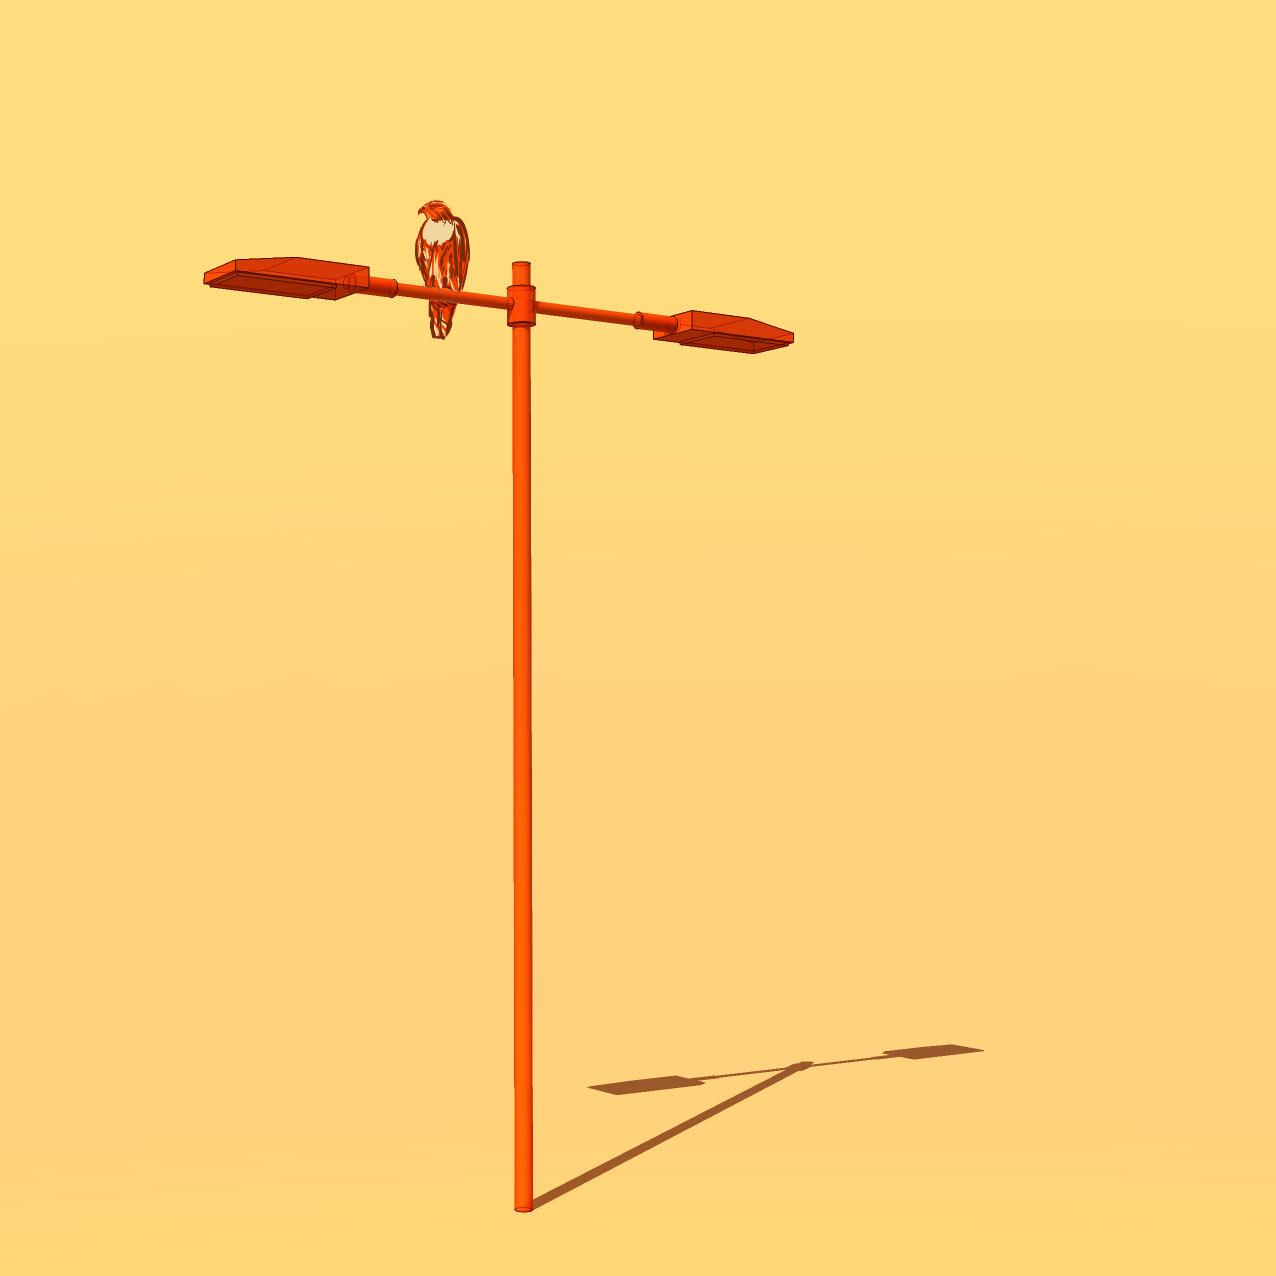 A hawk perched on a street light.